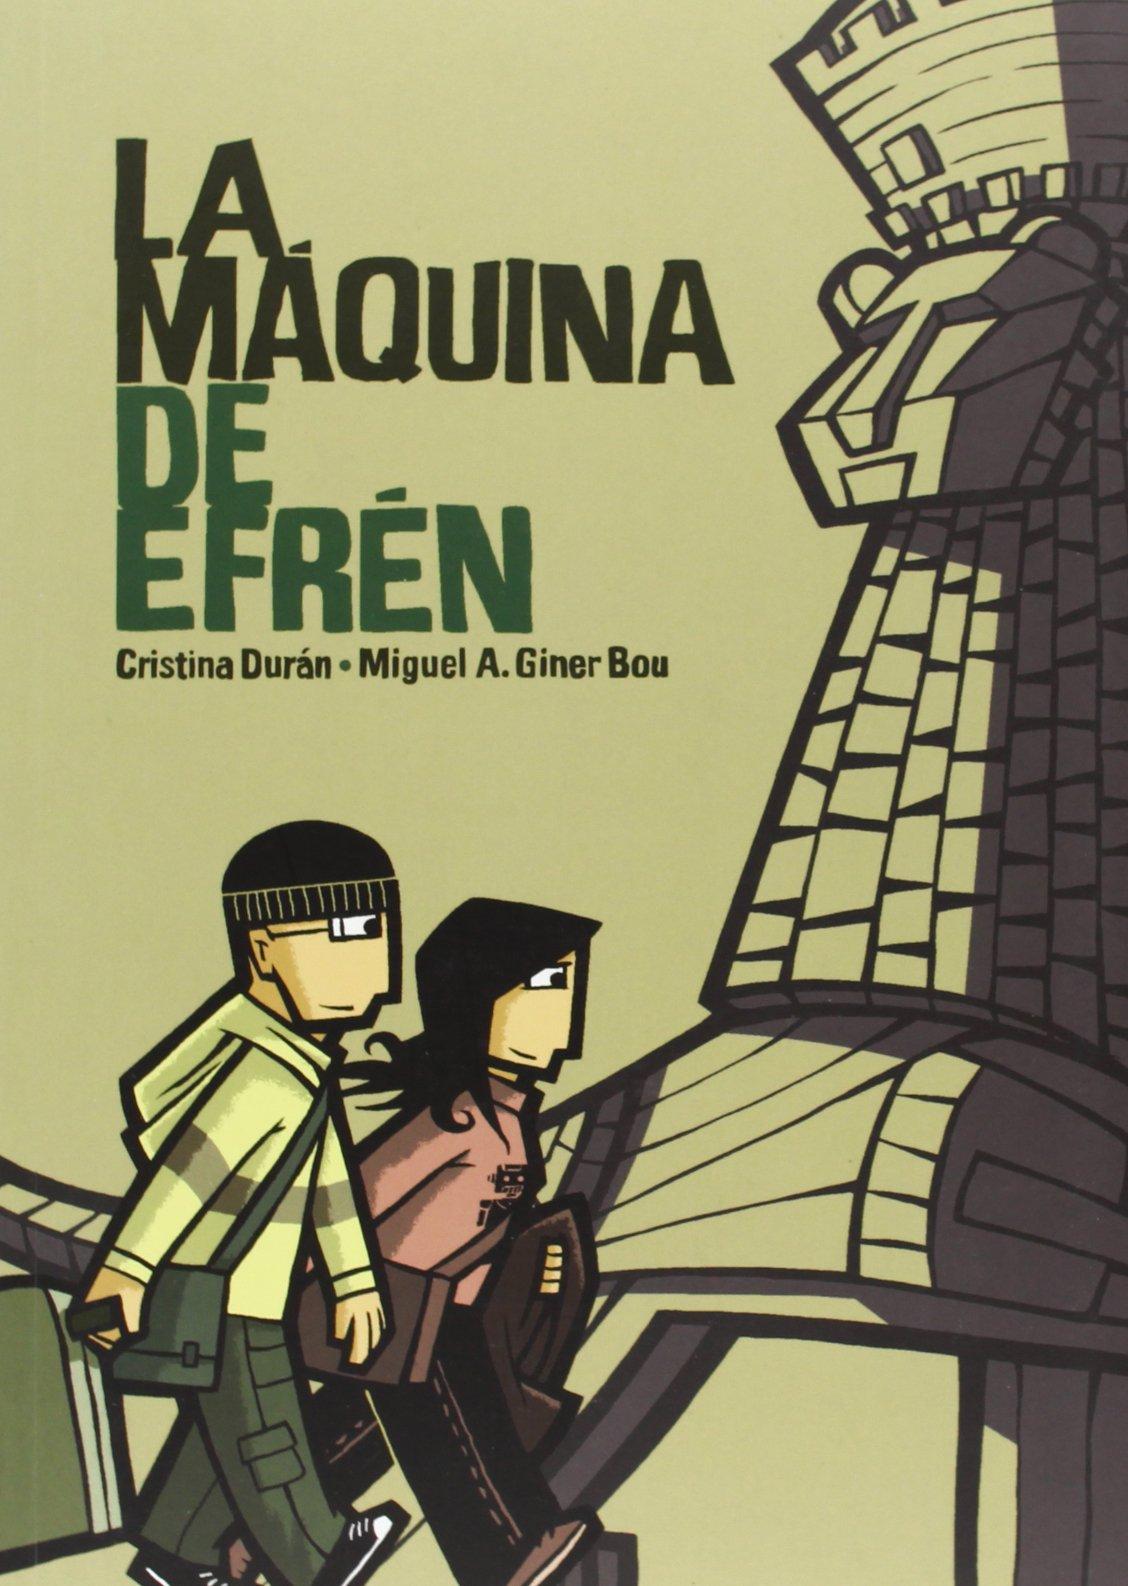 La máquina de Efrén: Amazon.es: Cristina Durán Costell, Miguel Ángel Giner Bou: Libros